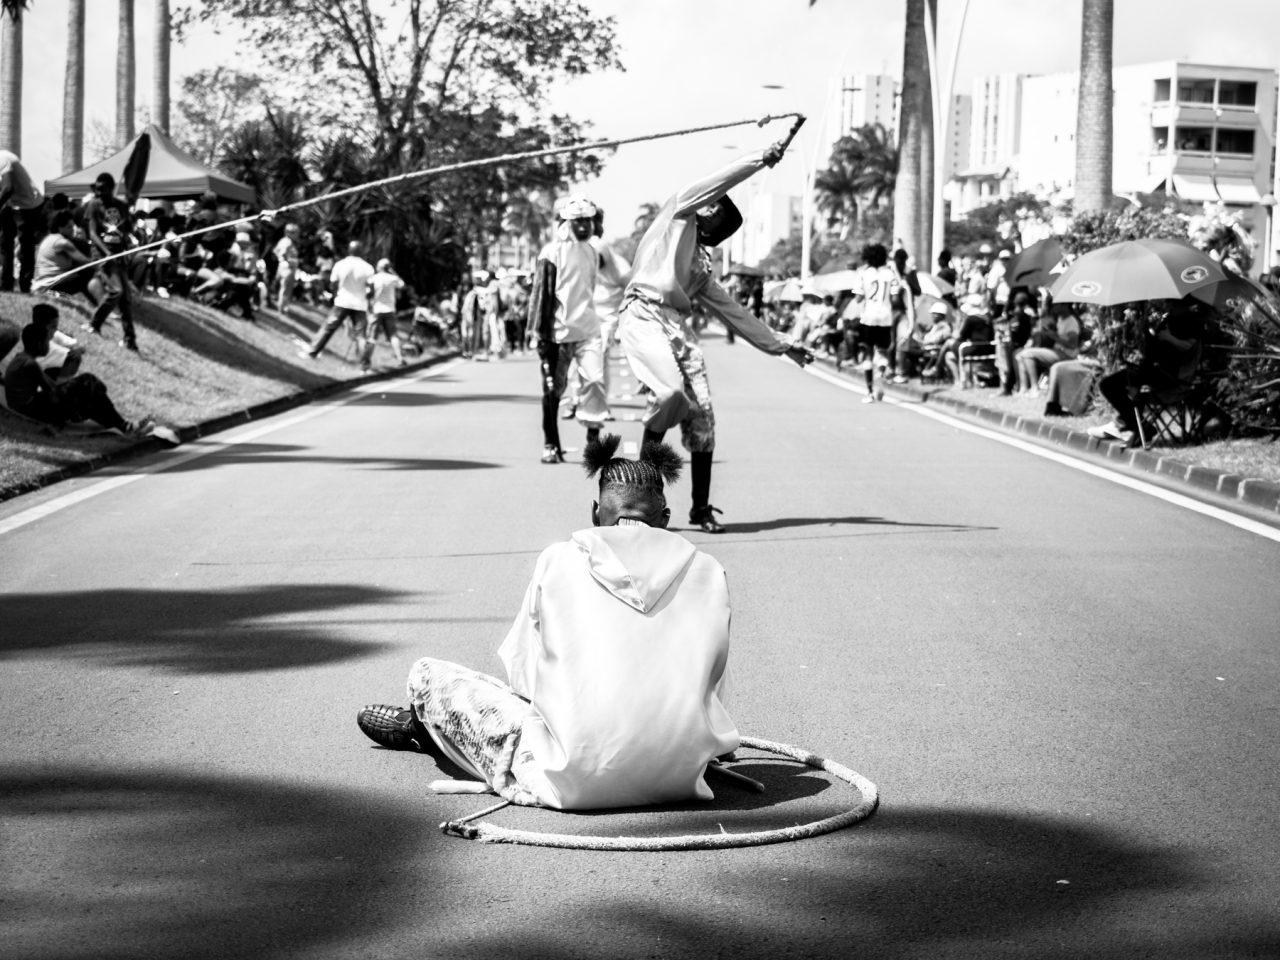 guadeloupe carnaval-photo noir et blanc de carnaval en guadeloupe